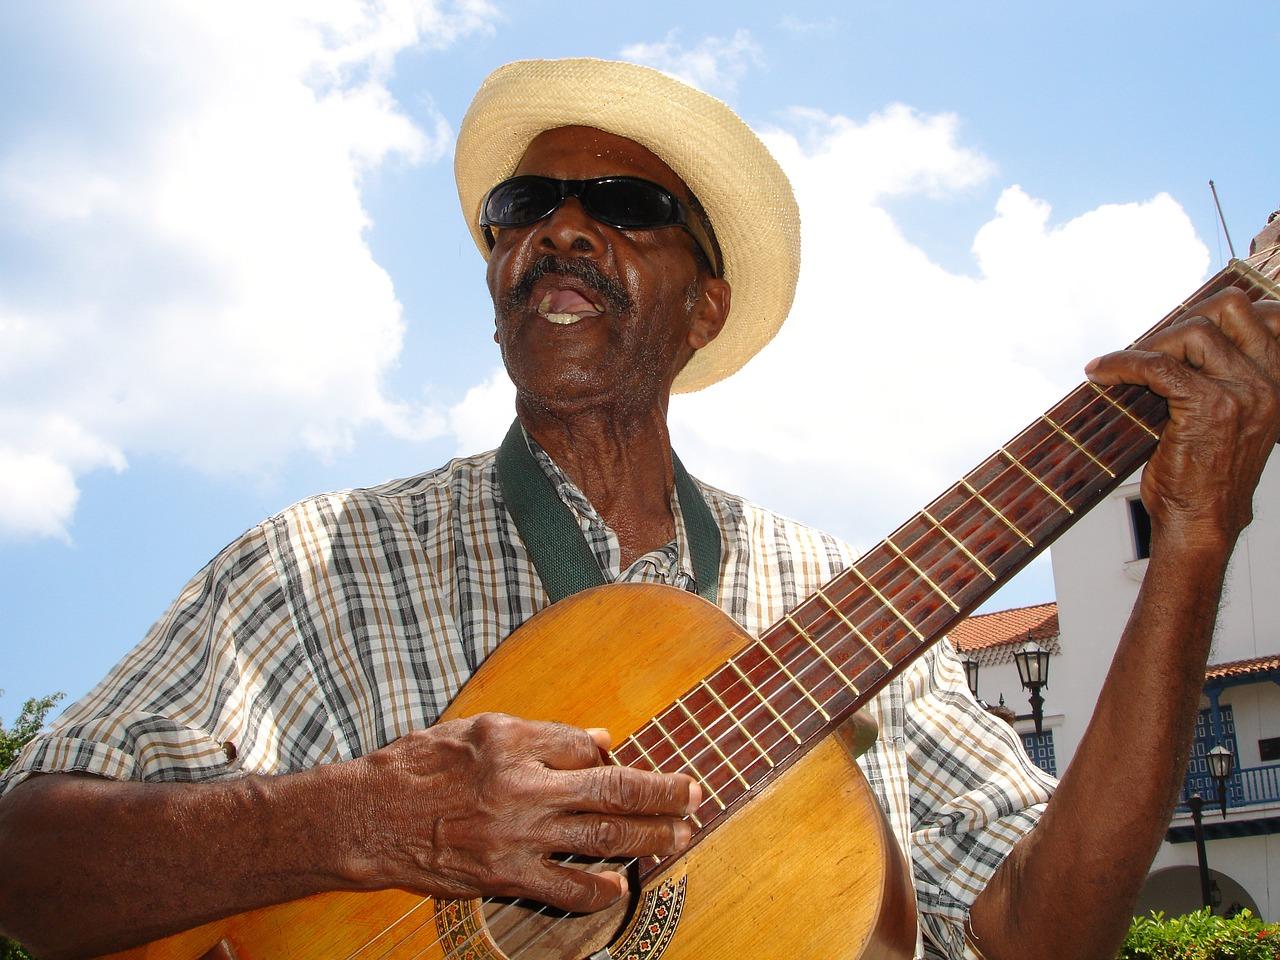 Mężczyzna gra na gitarze i śpiewa poezję